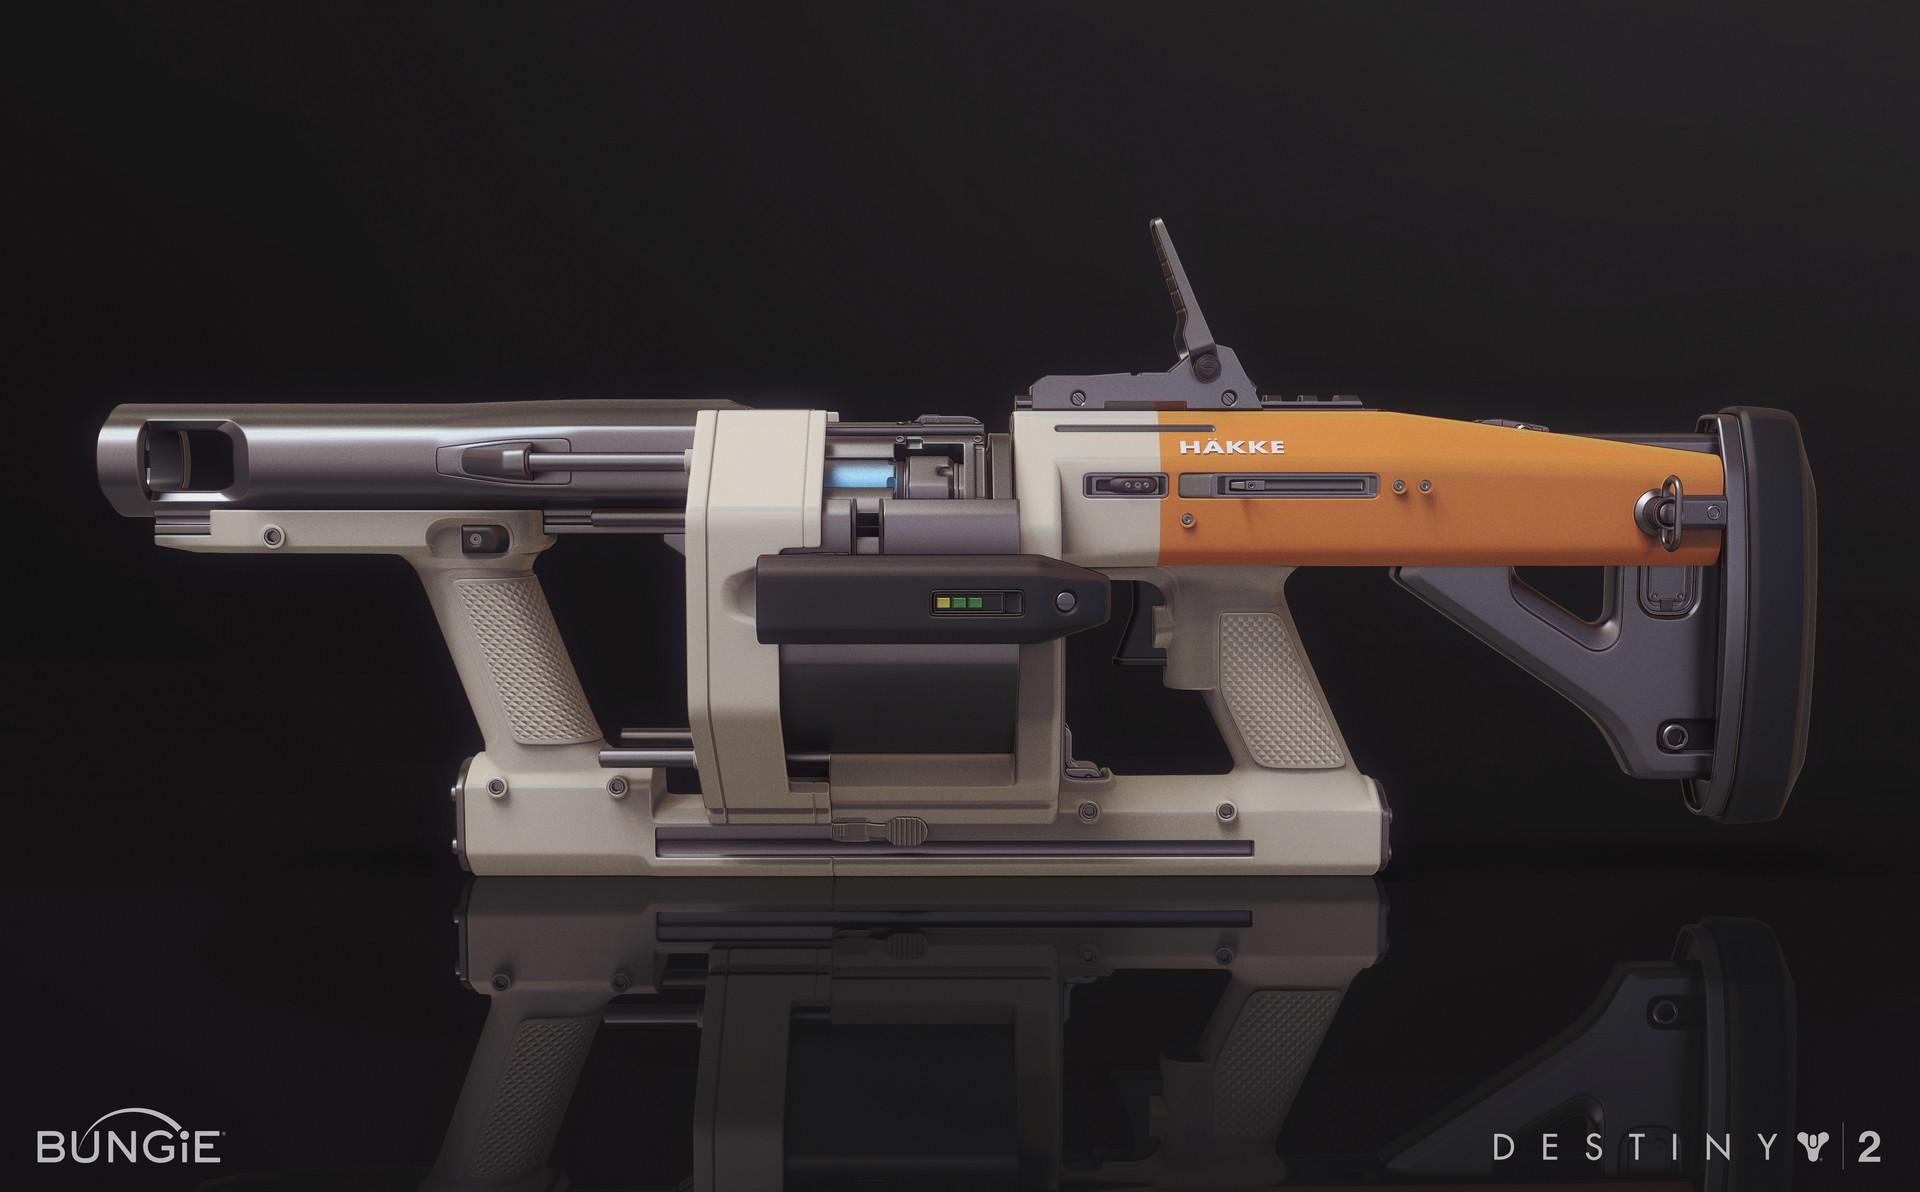 Mark van haitsma hakke grenade launcher side